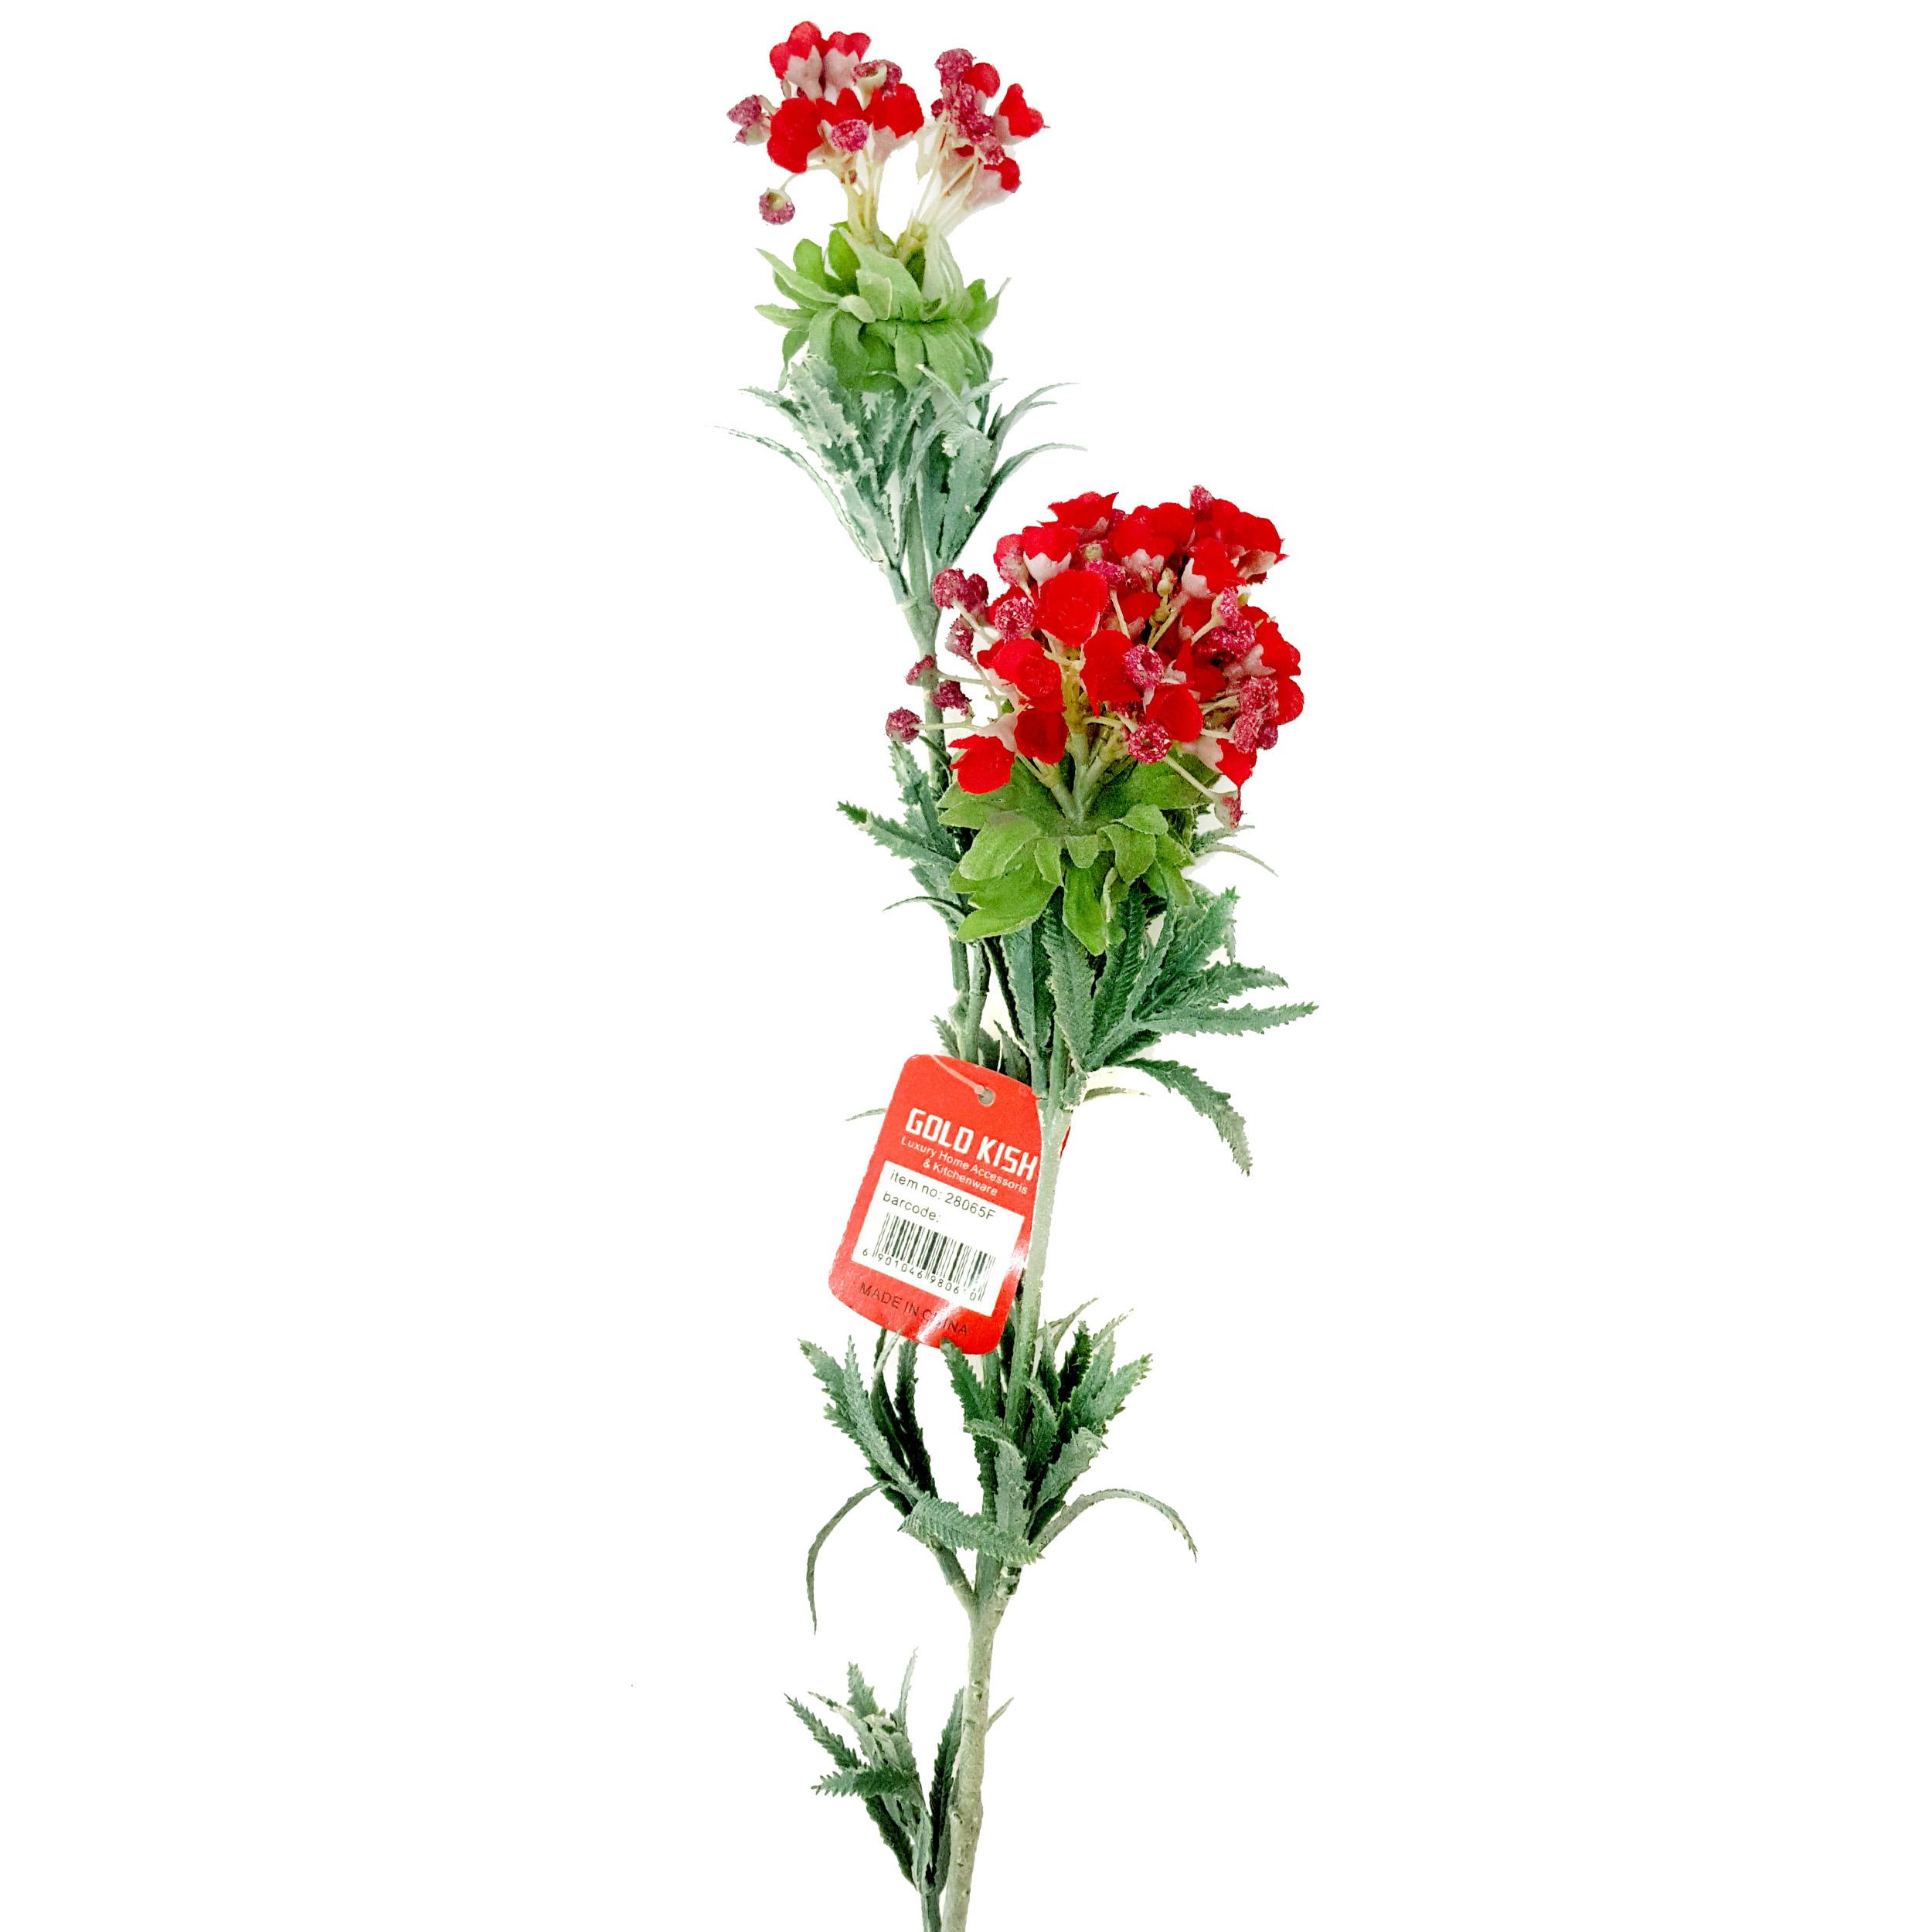 گل مصنوعی گلد کیش مدل GGk240